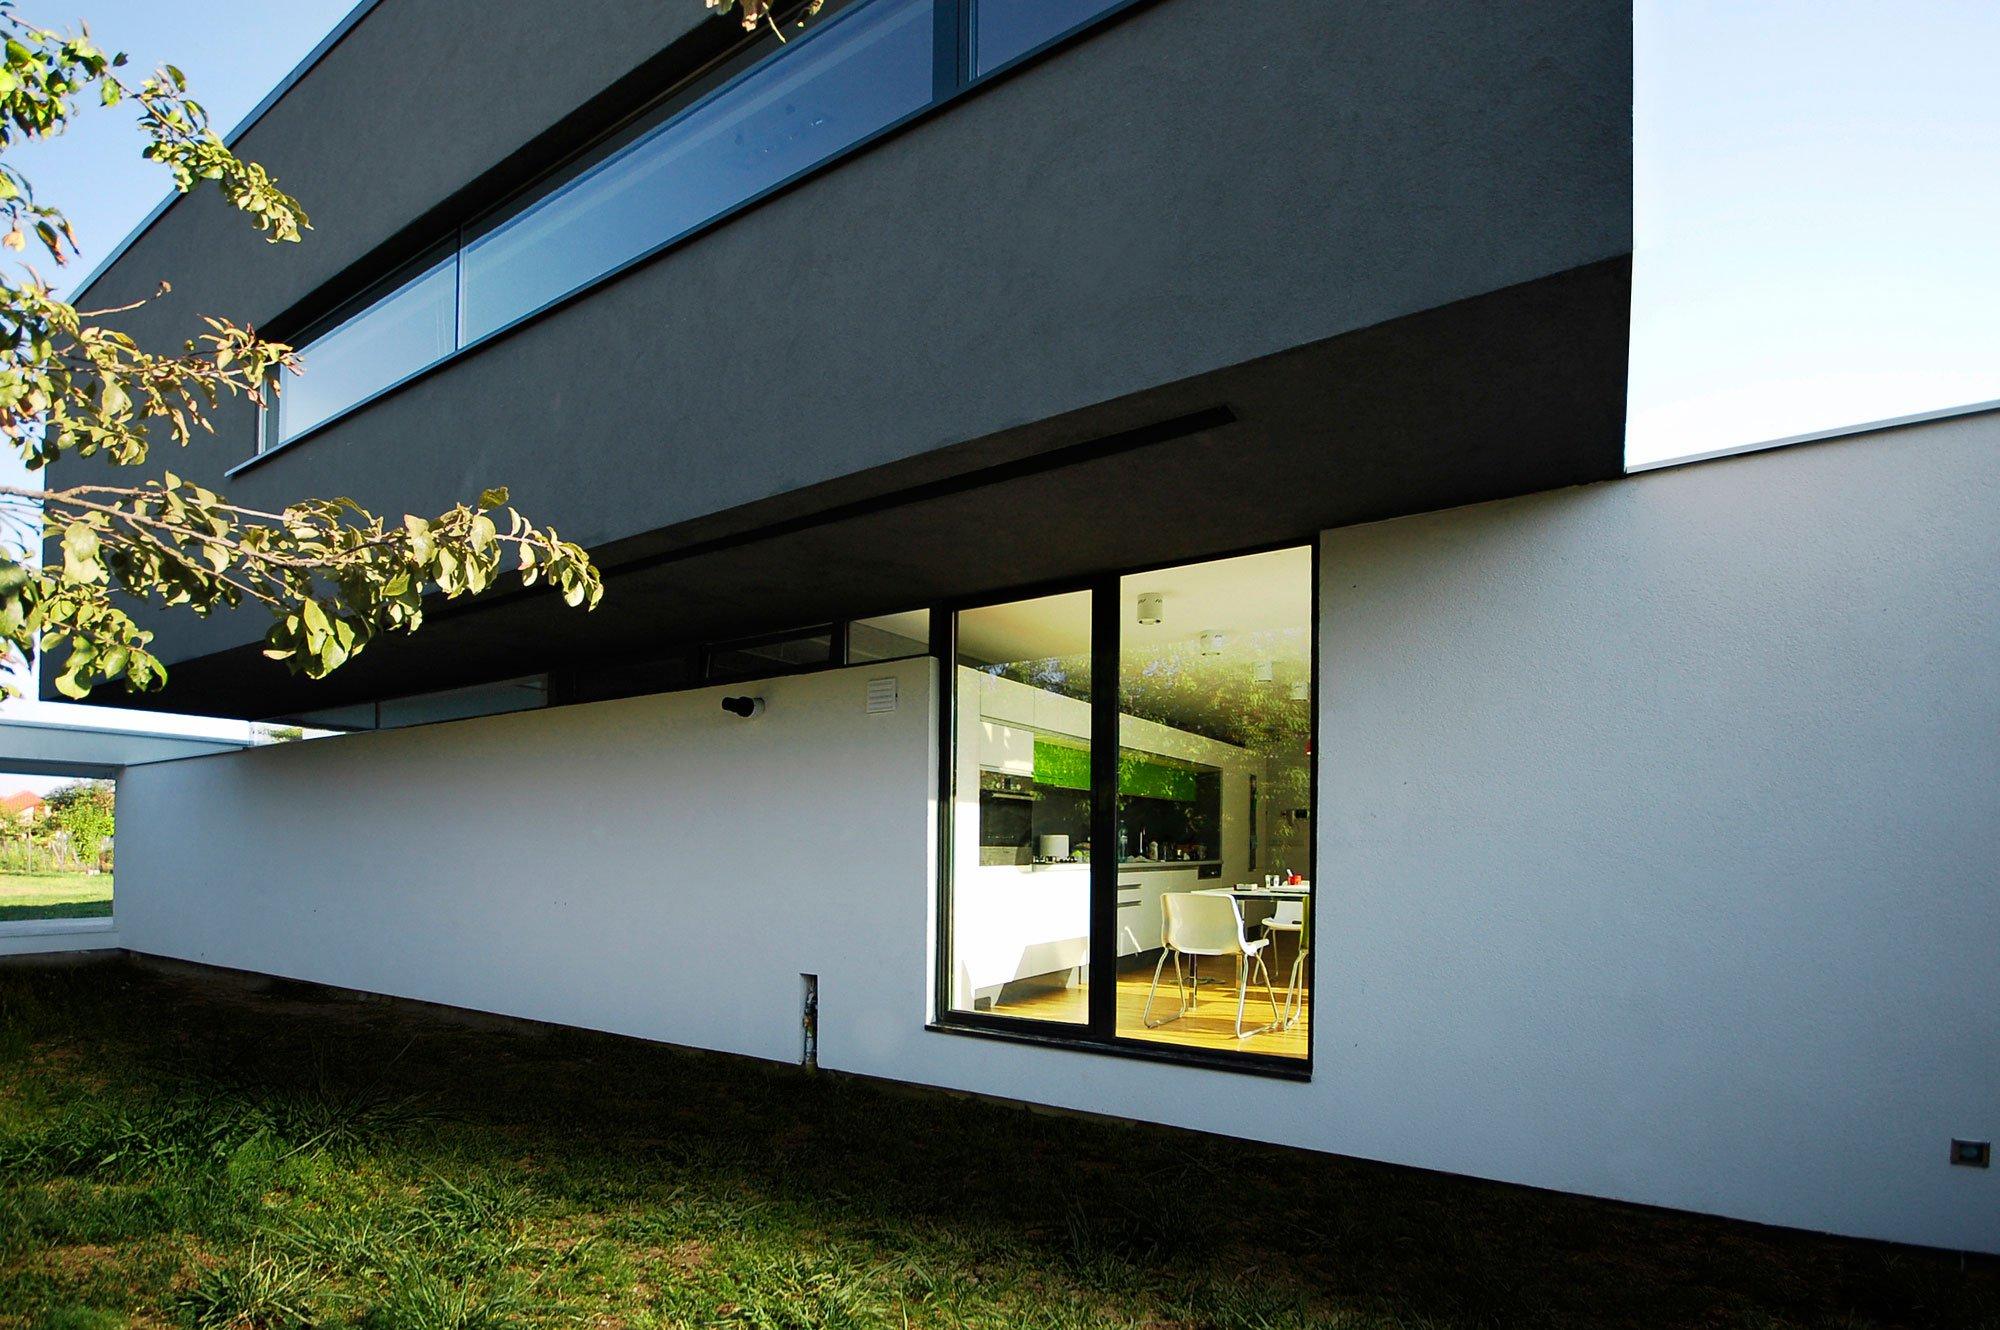 Dise o de casa moderna de dos plantas construye hogar for Casas modernas pequenas de dos plantas